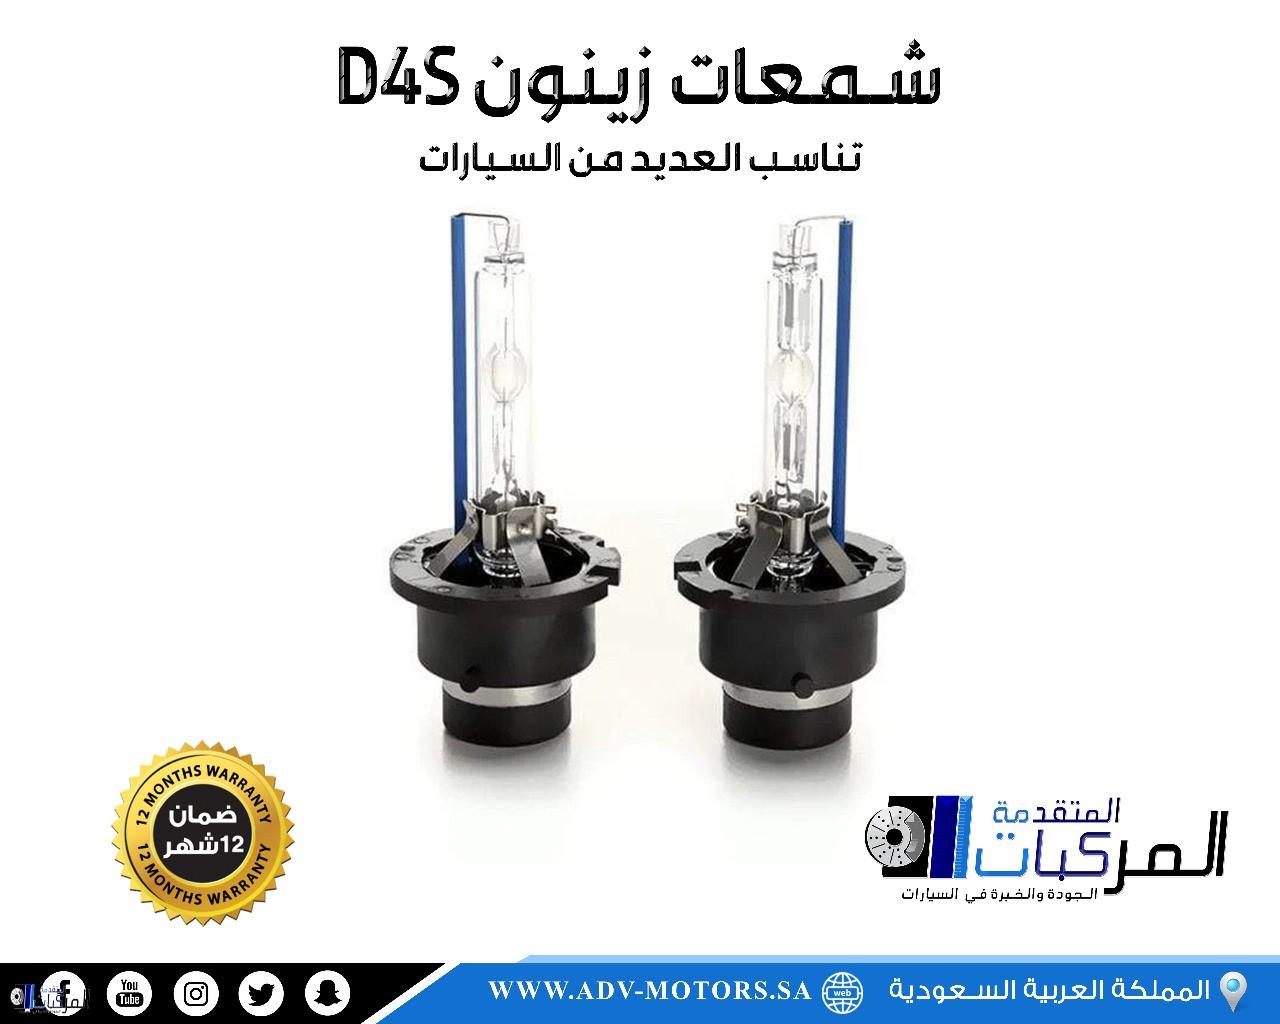 شمعات زينون D4S